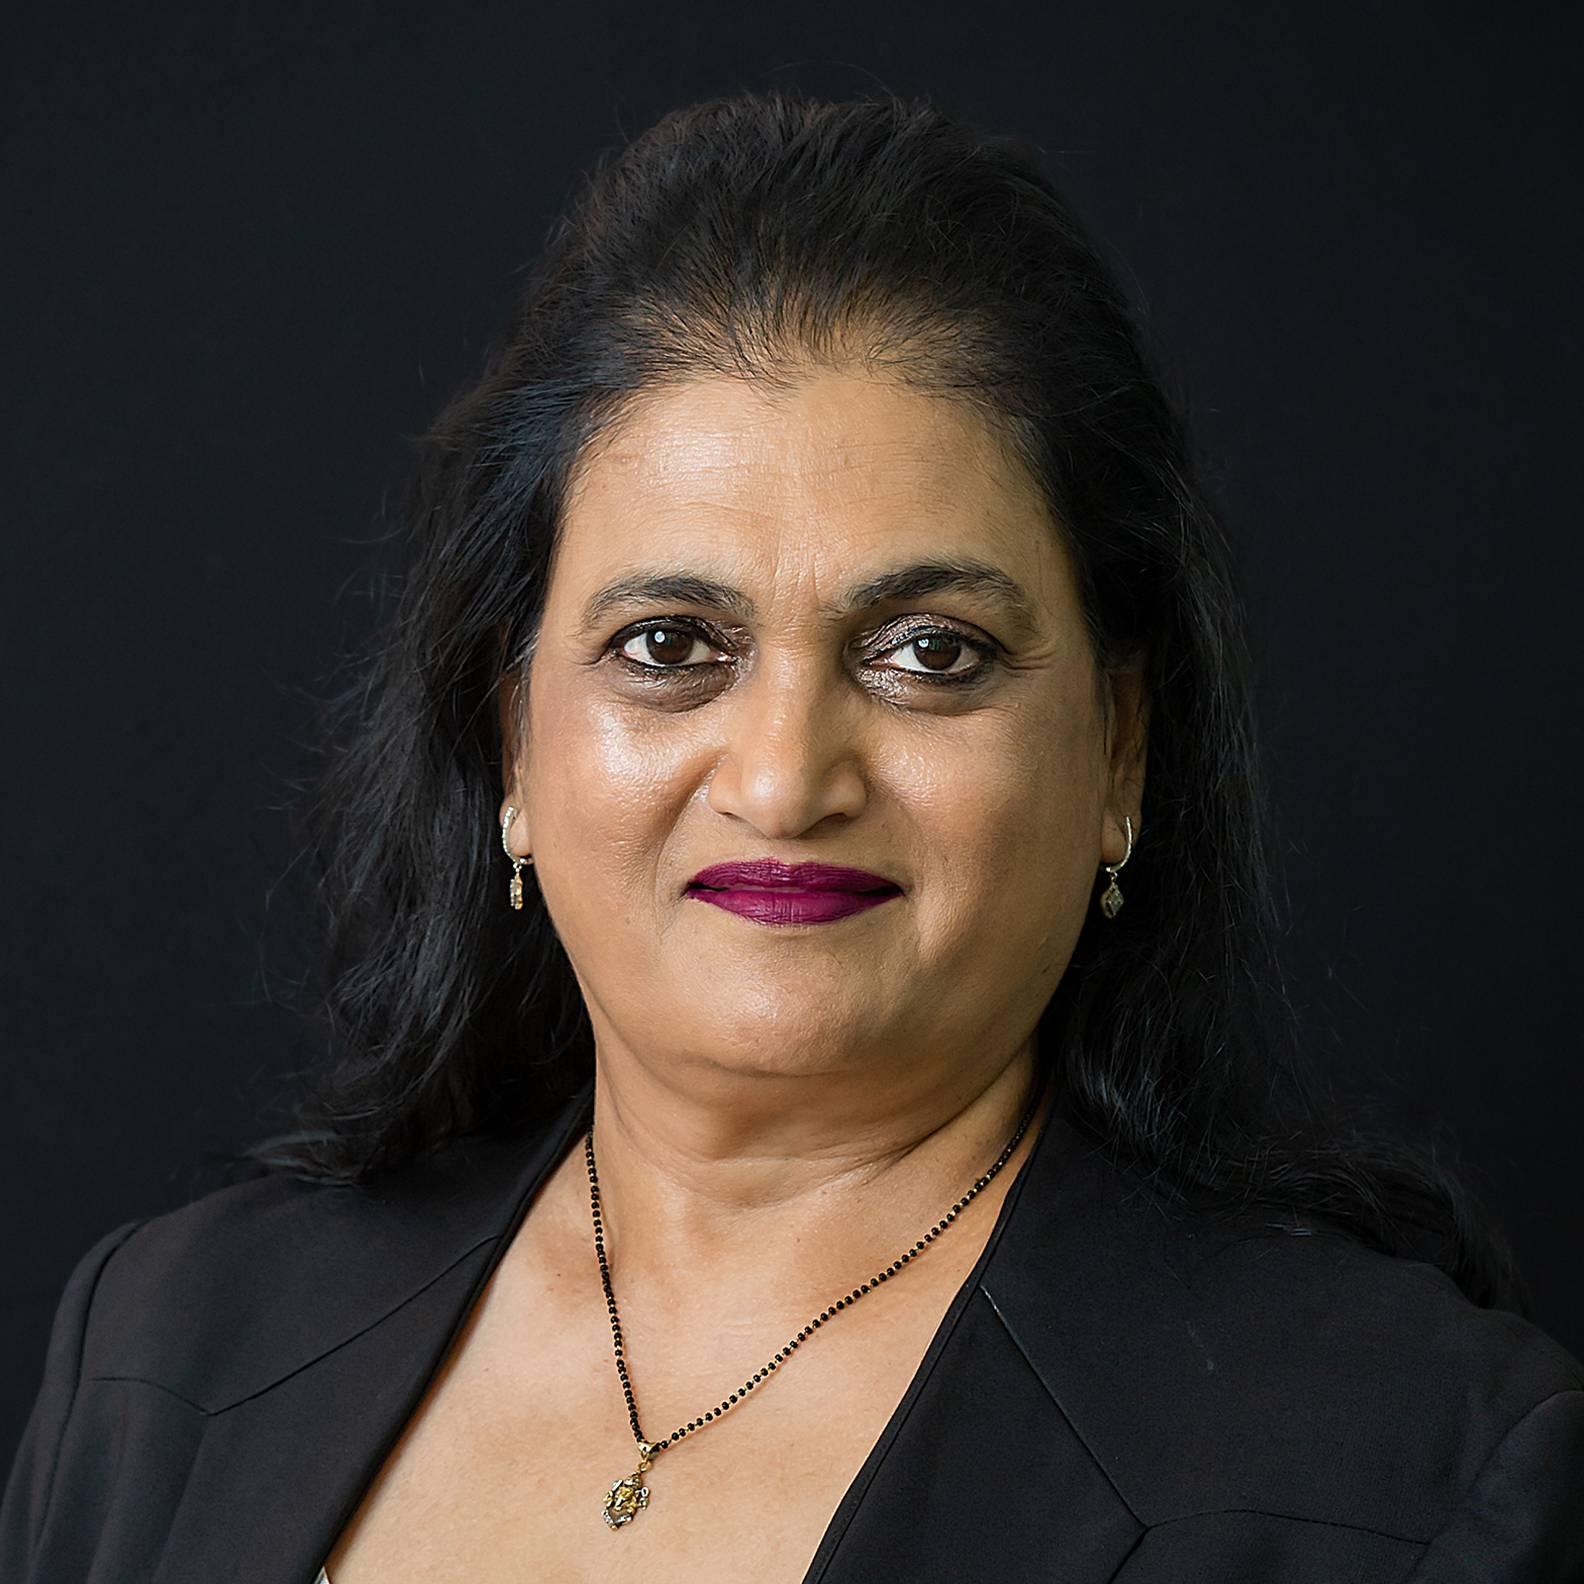 Sushama Narwani